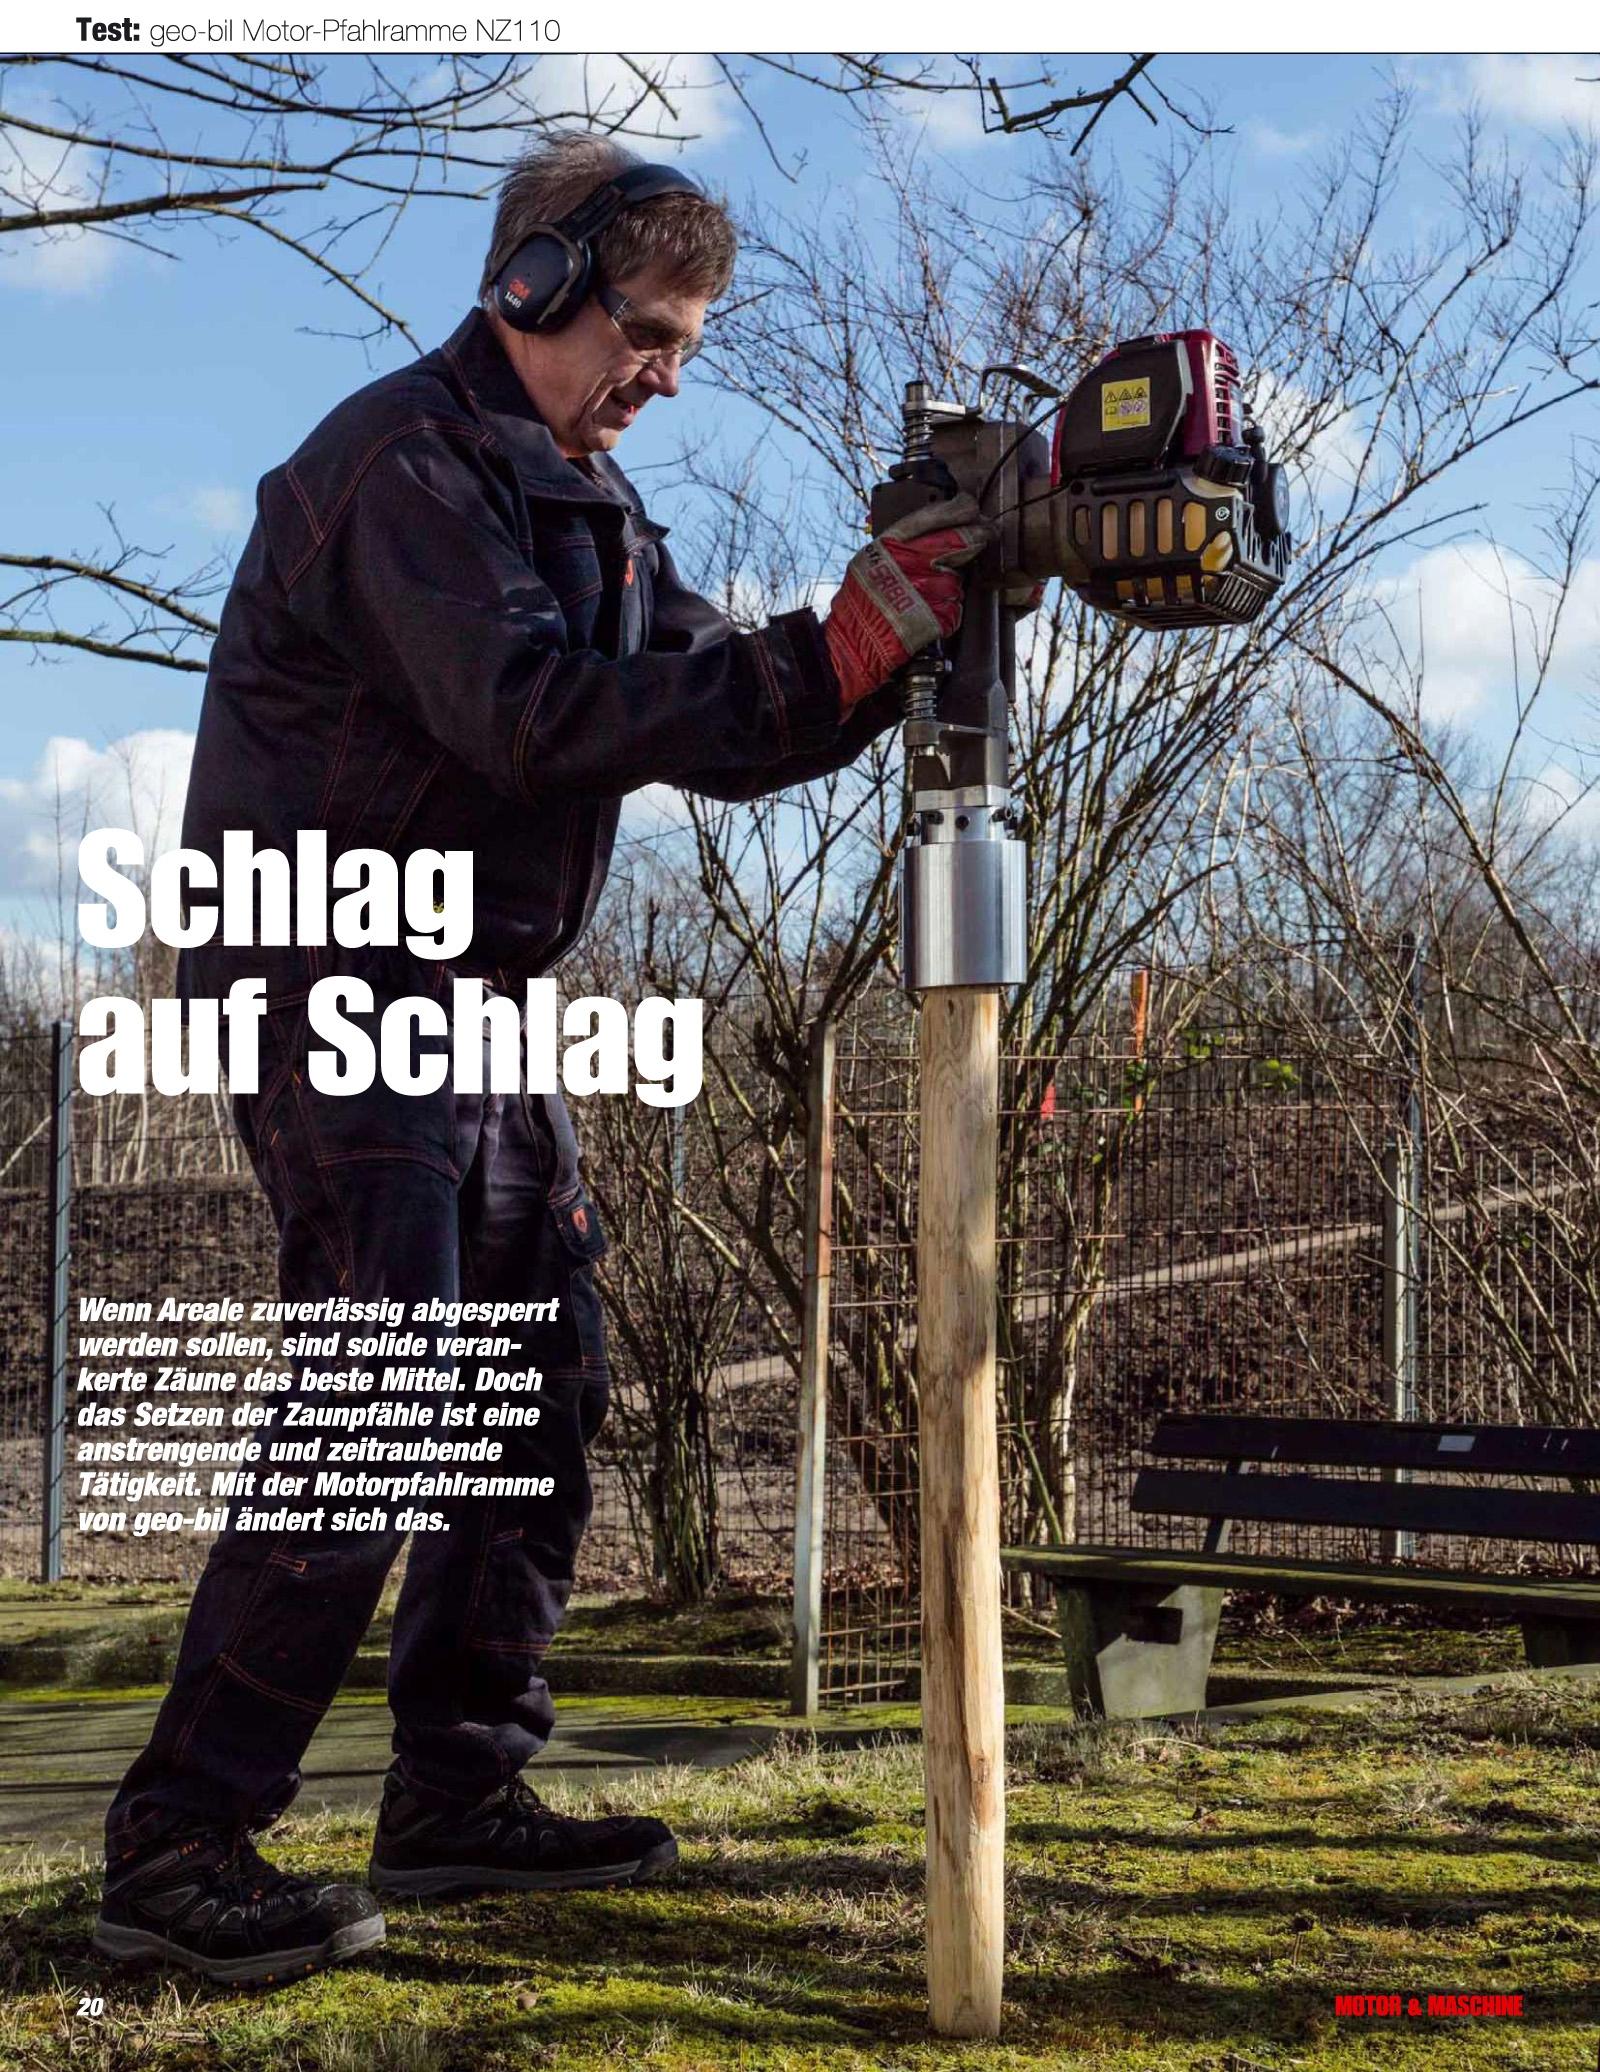 Testbericht Motor-Pfahlramme im Magazin Motor und Maschine